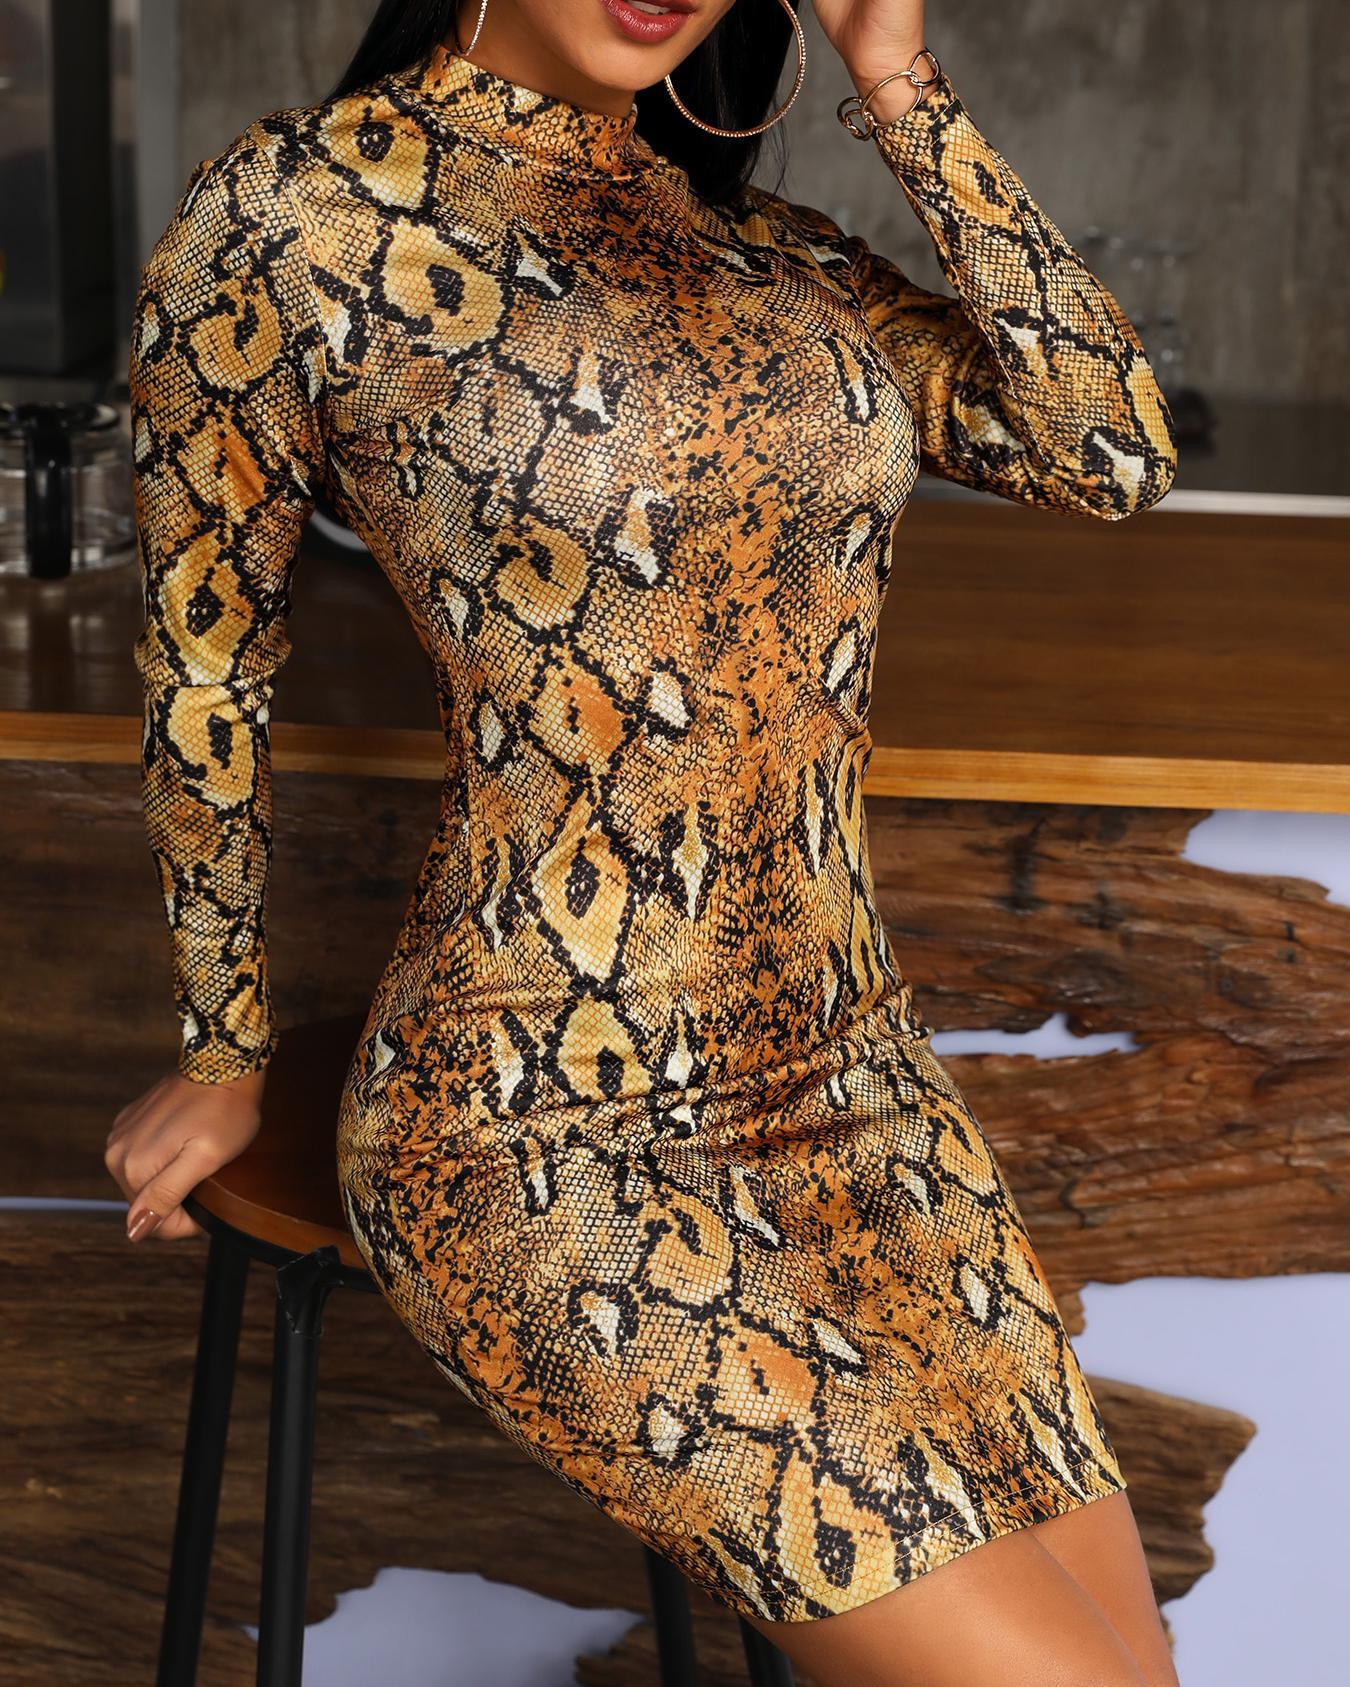 chicme / Vestido ajustado de manga larga con estampado de serpiente